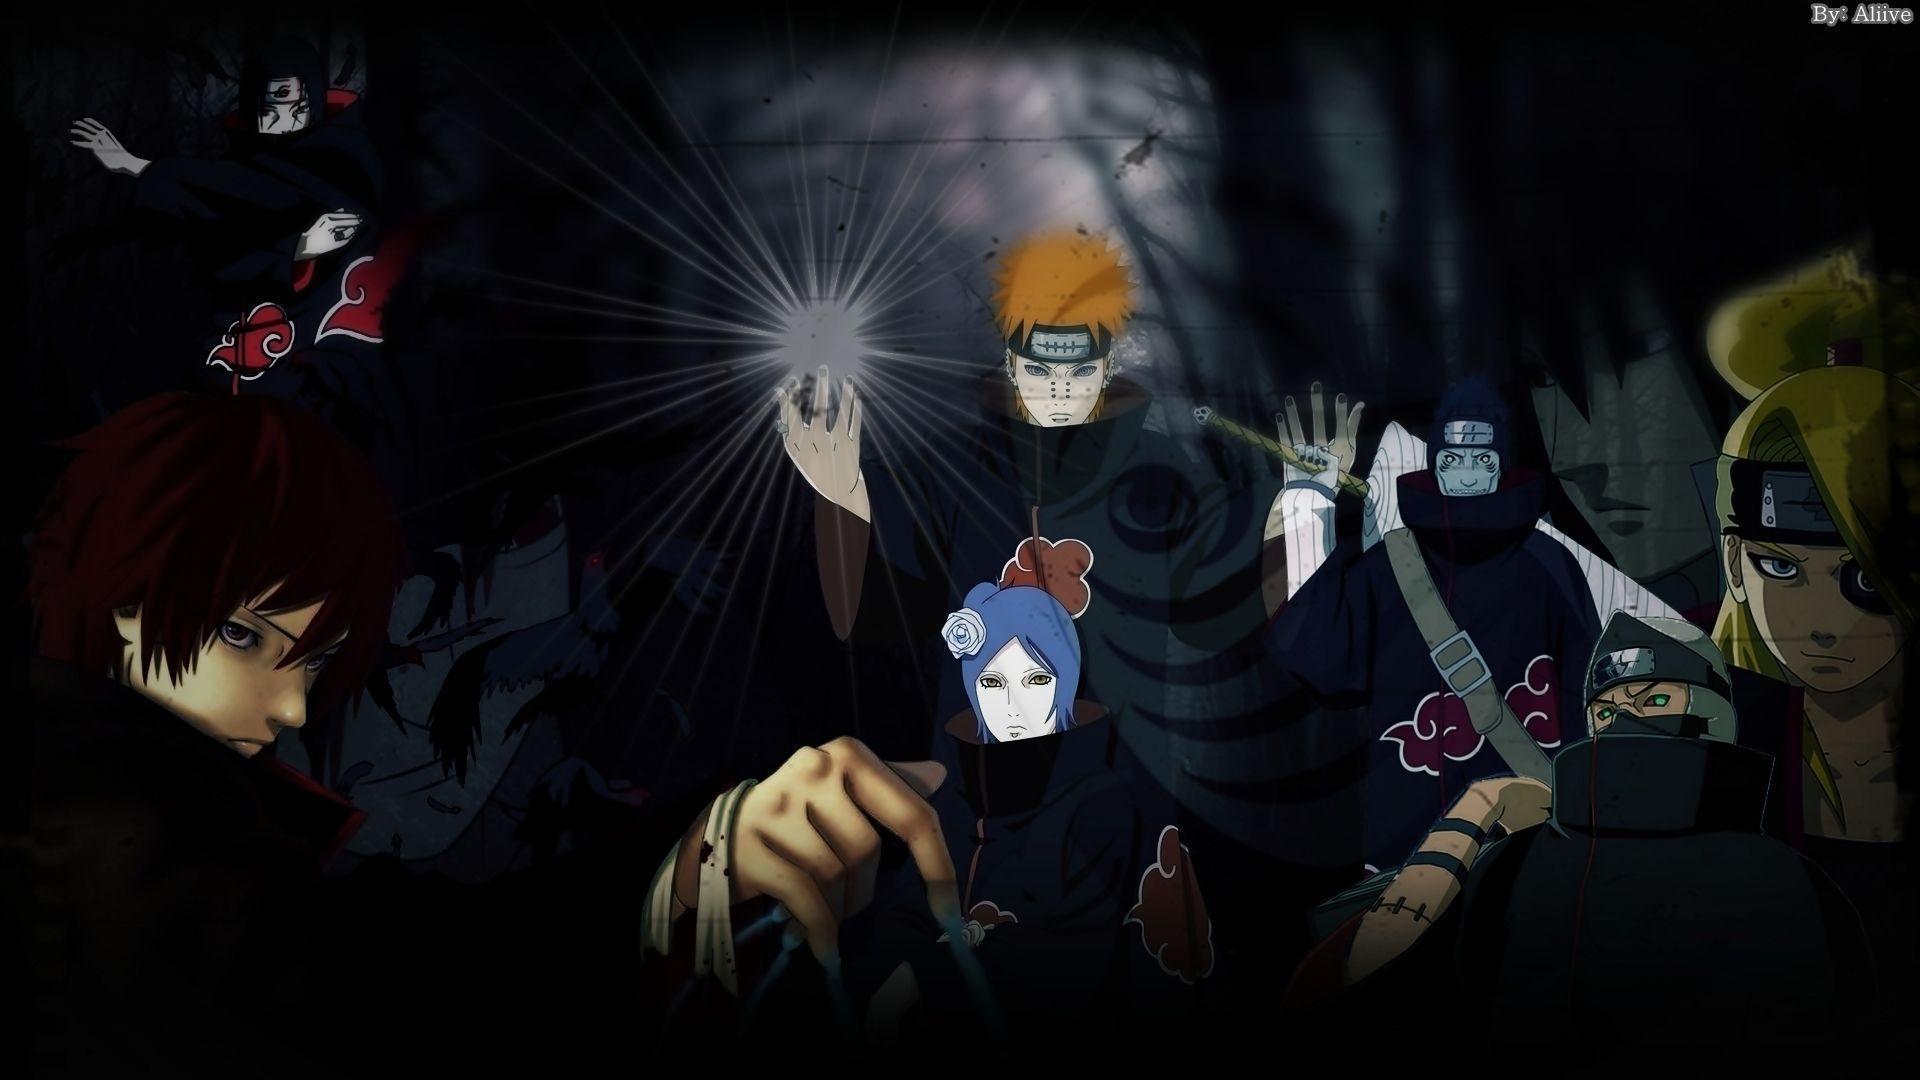 Naruto Shippuden Akatsuki Wallpapers - Wallpaper Cave